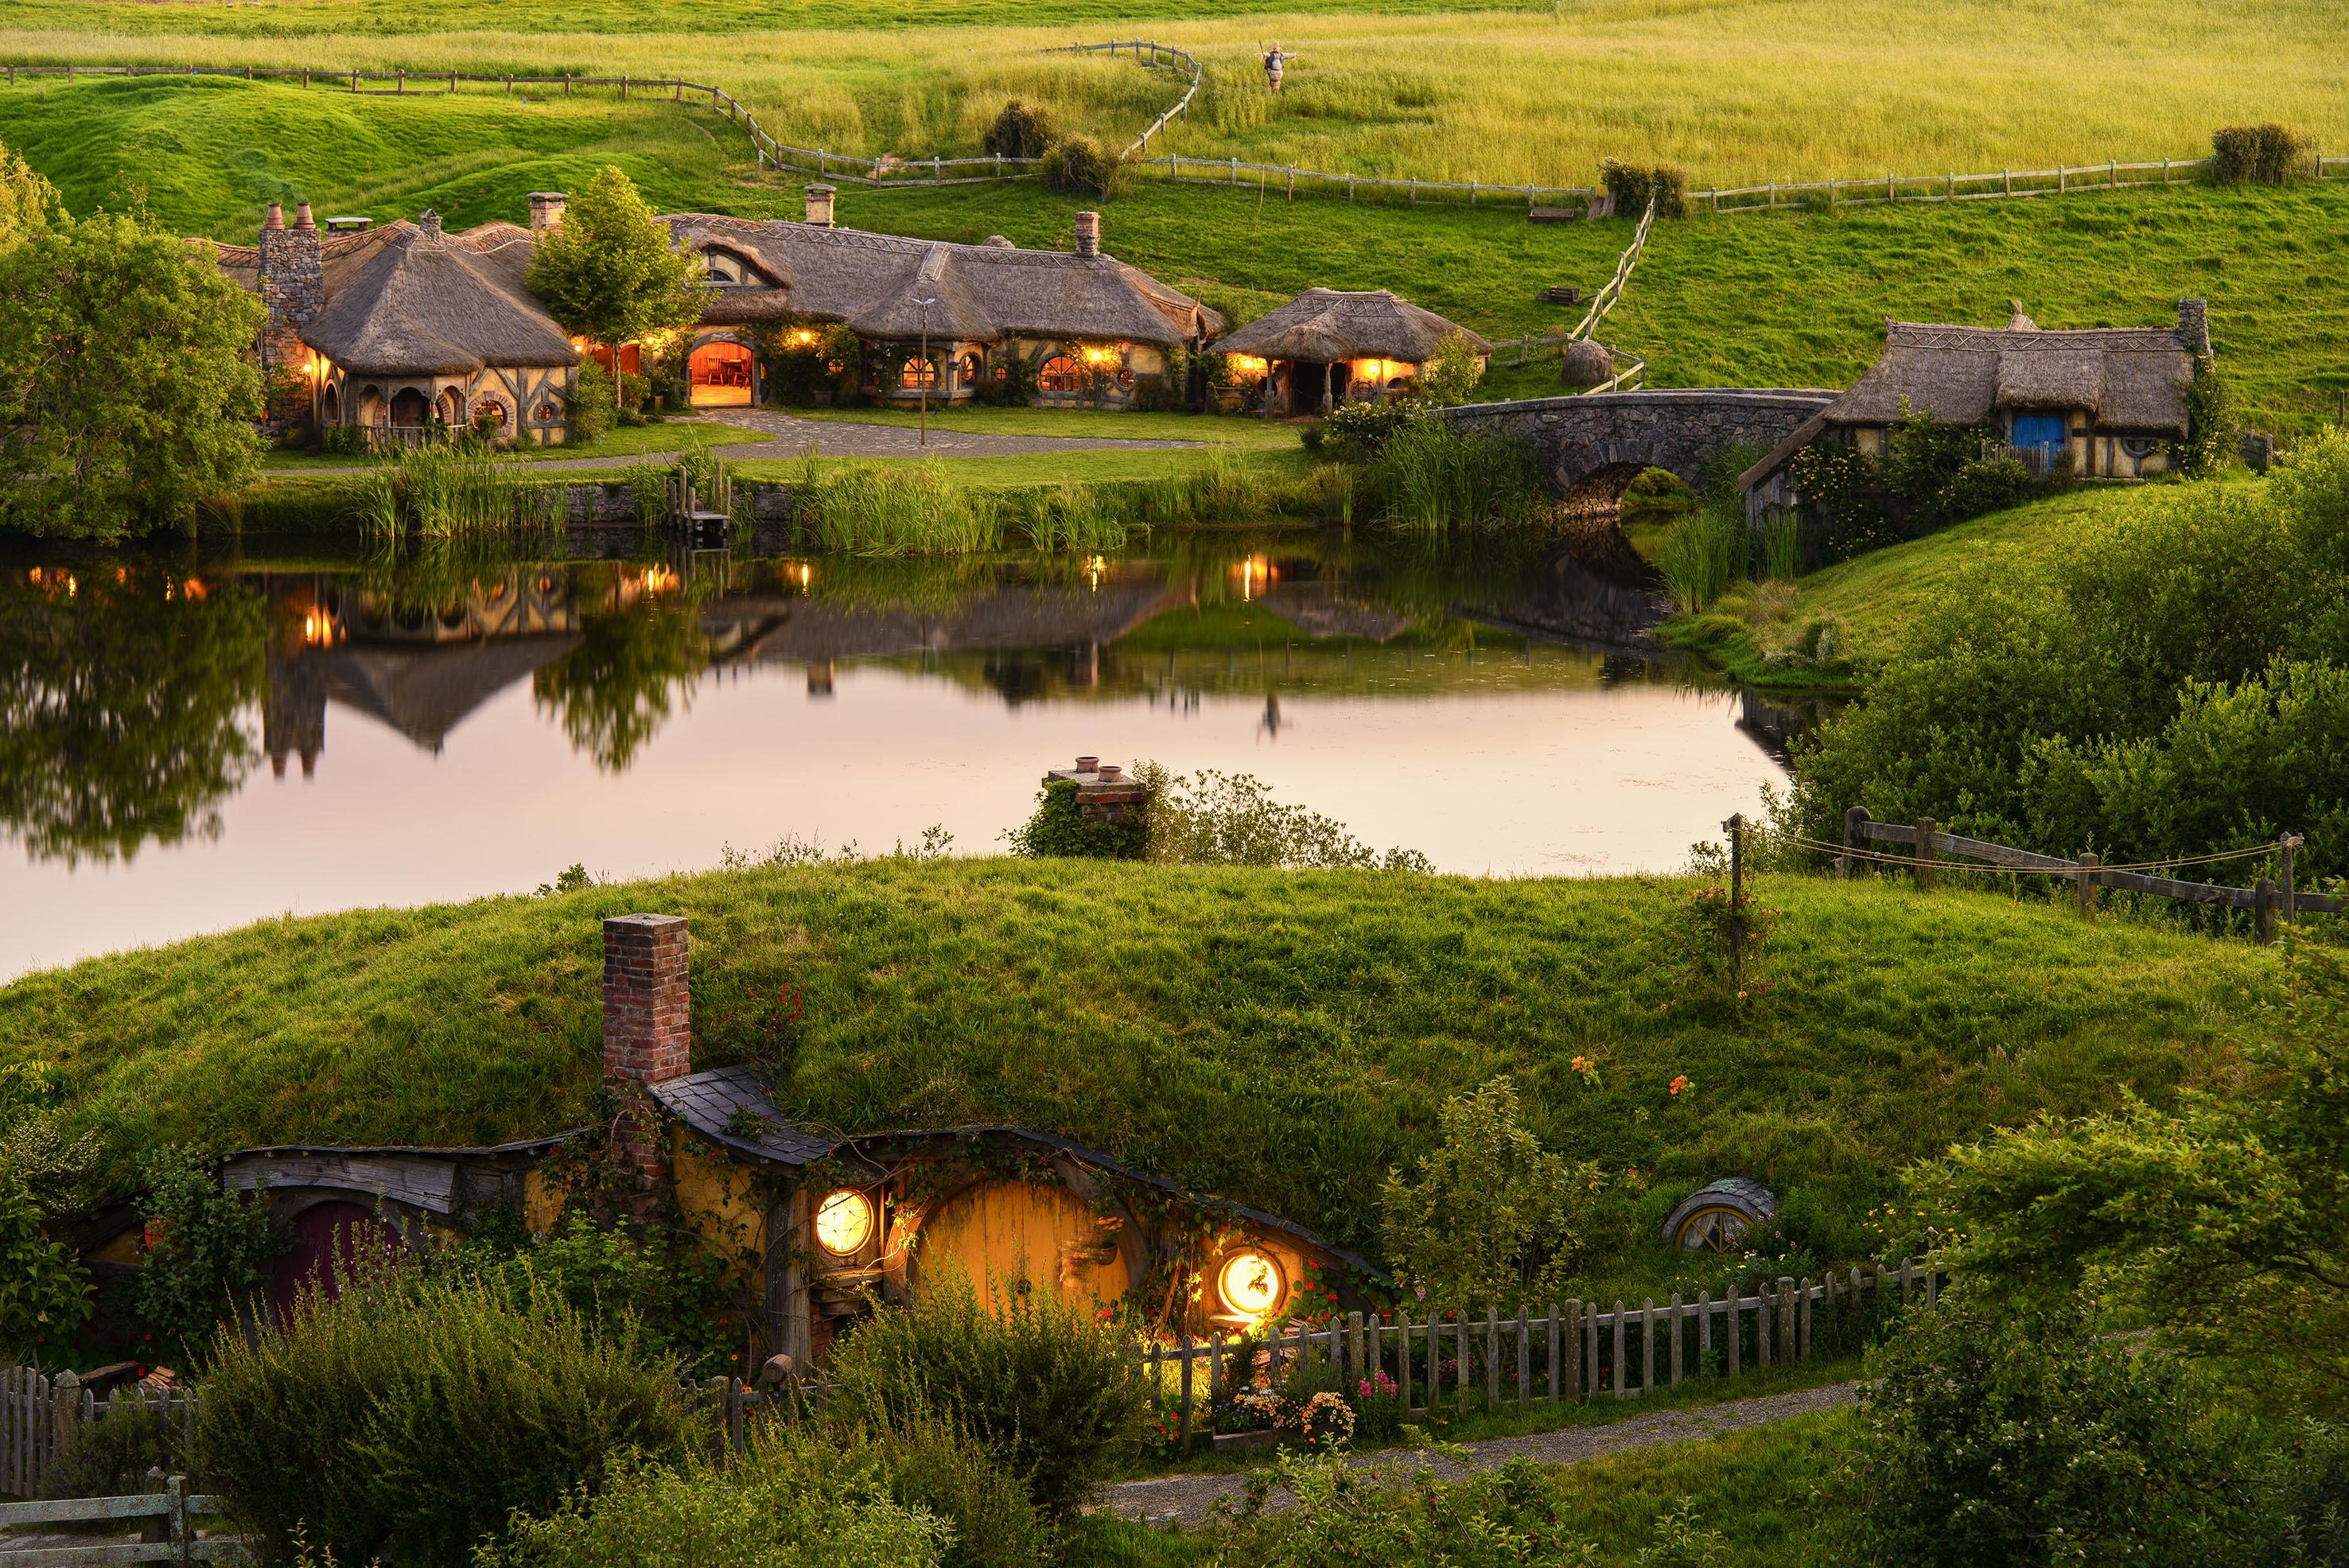 DU LỊCH ĐẢO BẮC NEW ZEALAND (AUCKLAND - MATAMATA – ROTORUA - WAITOMO)